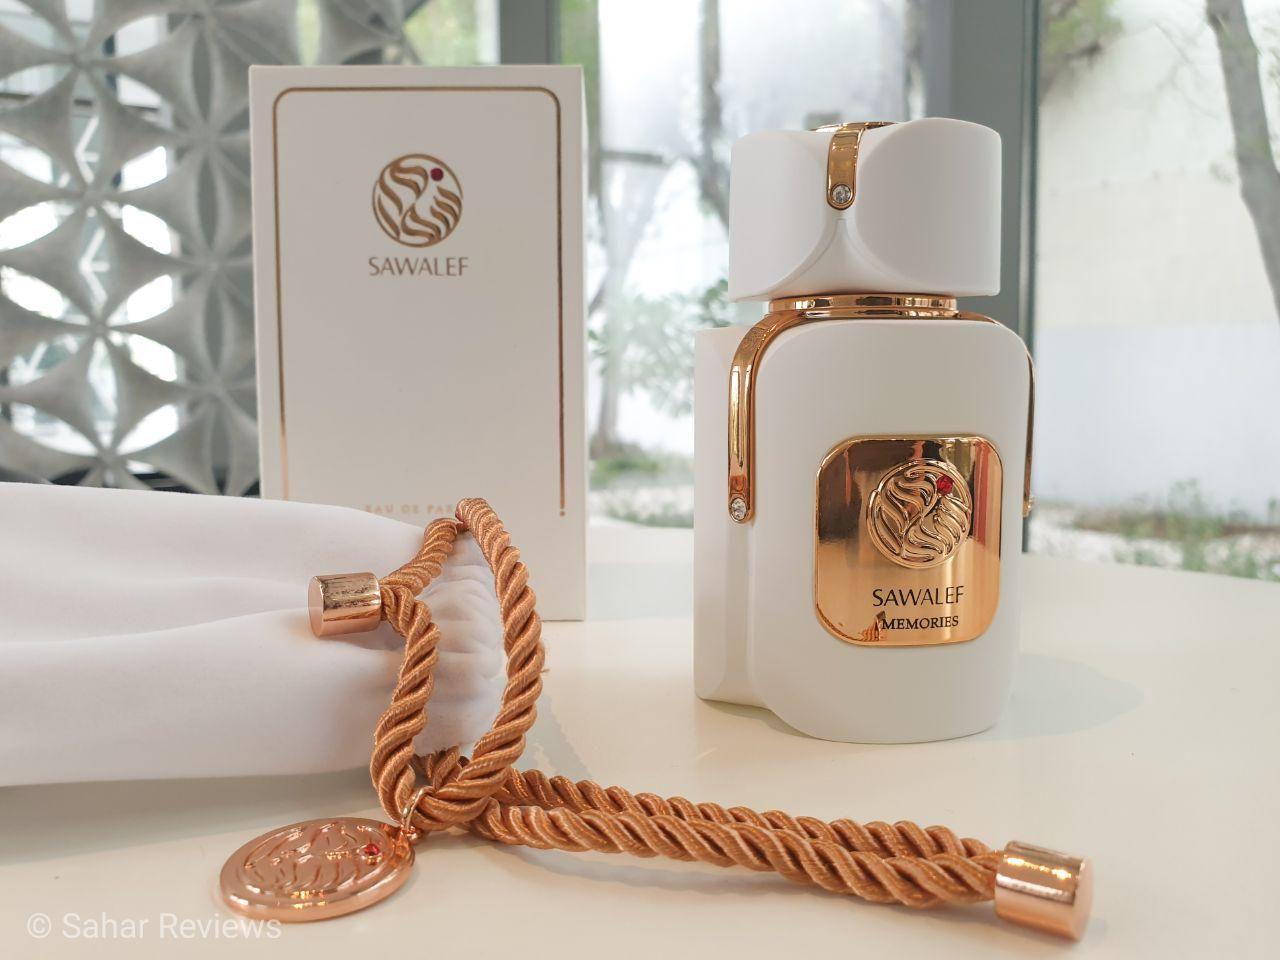 Sawalef Perfumes Memories EDP